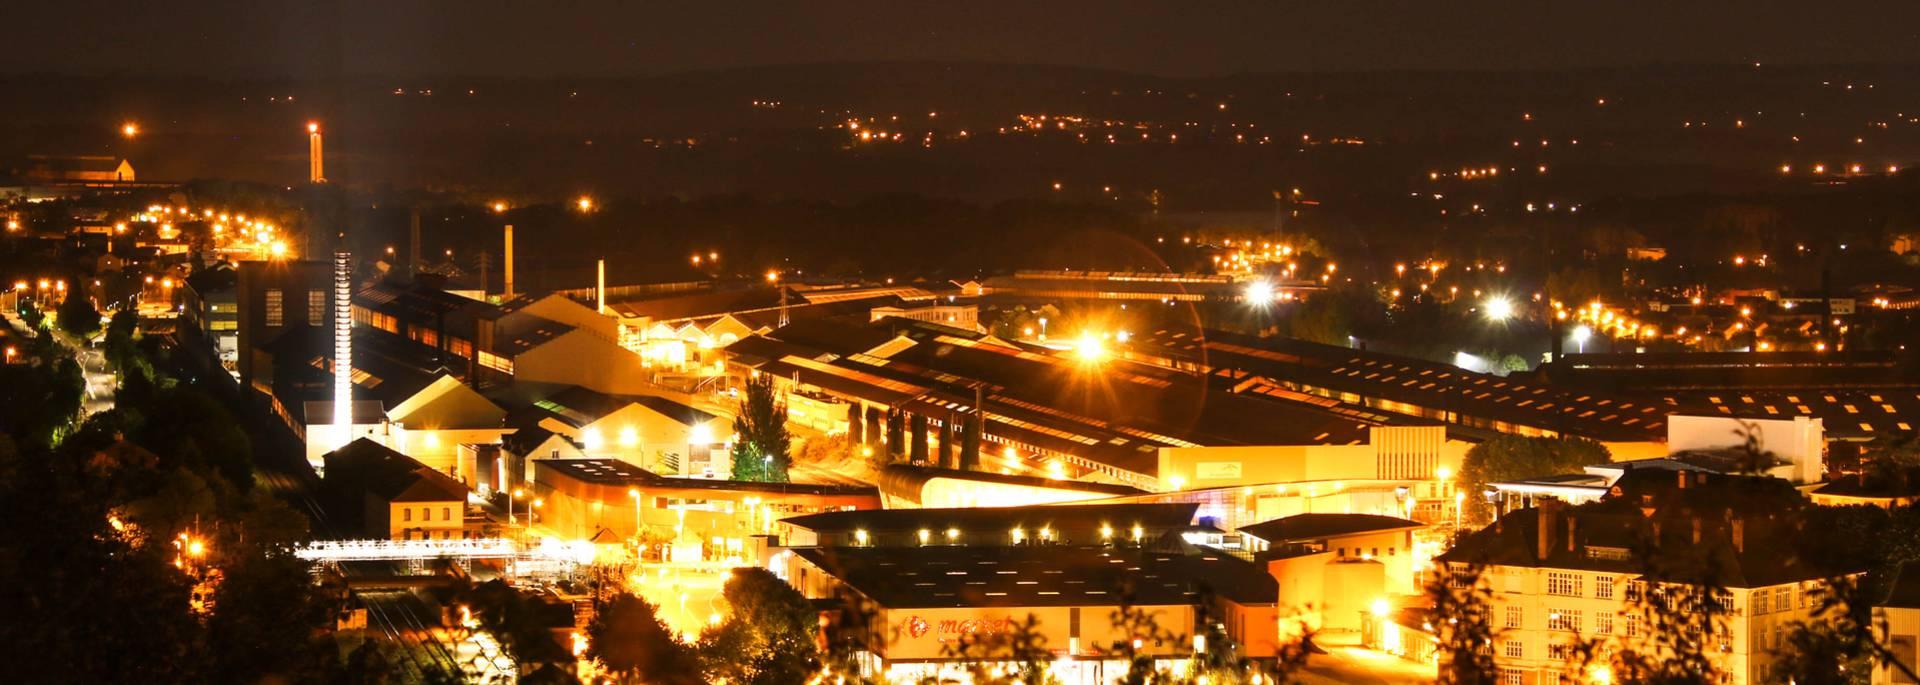 Le site industriel du Creusot la nuit. © Lesley Williamson.